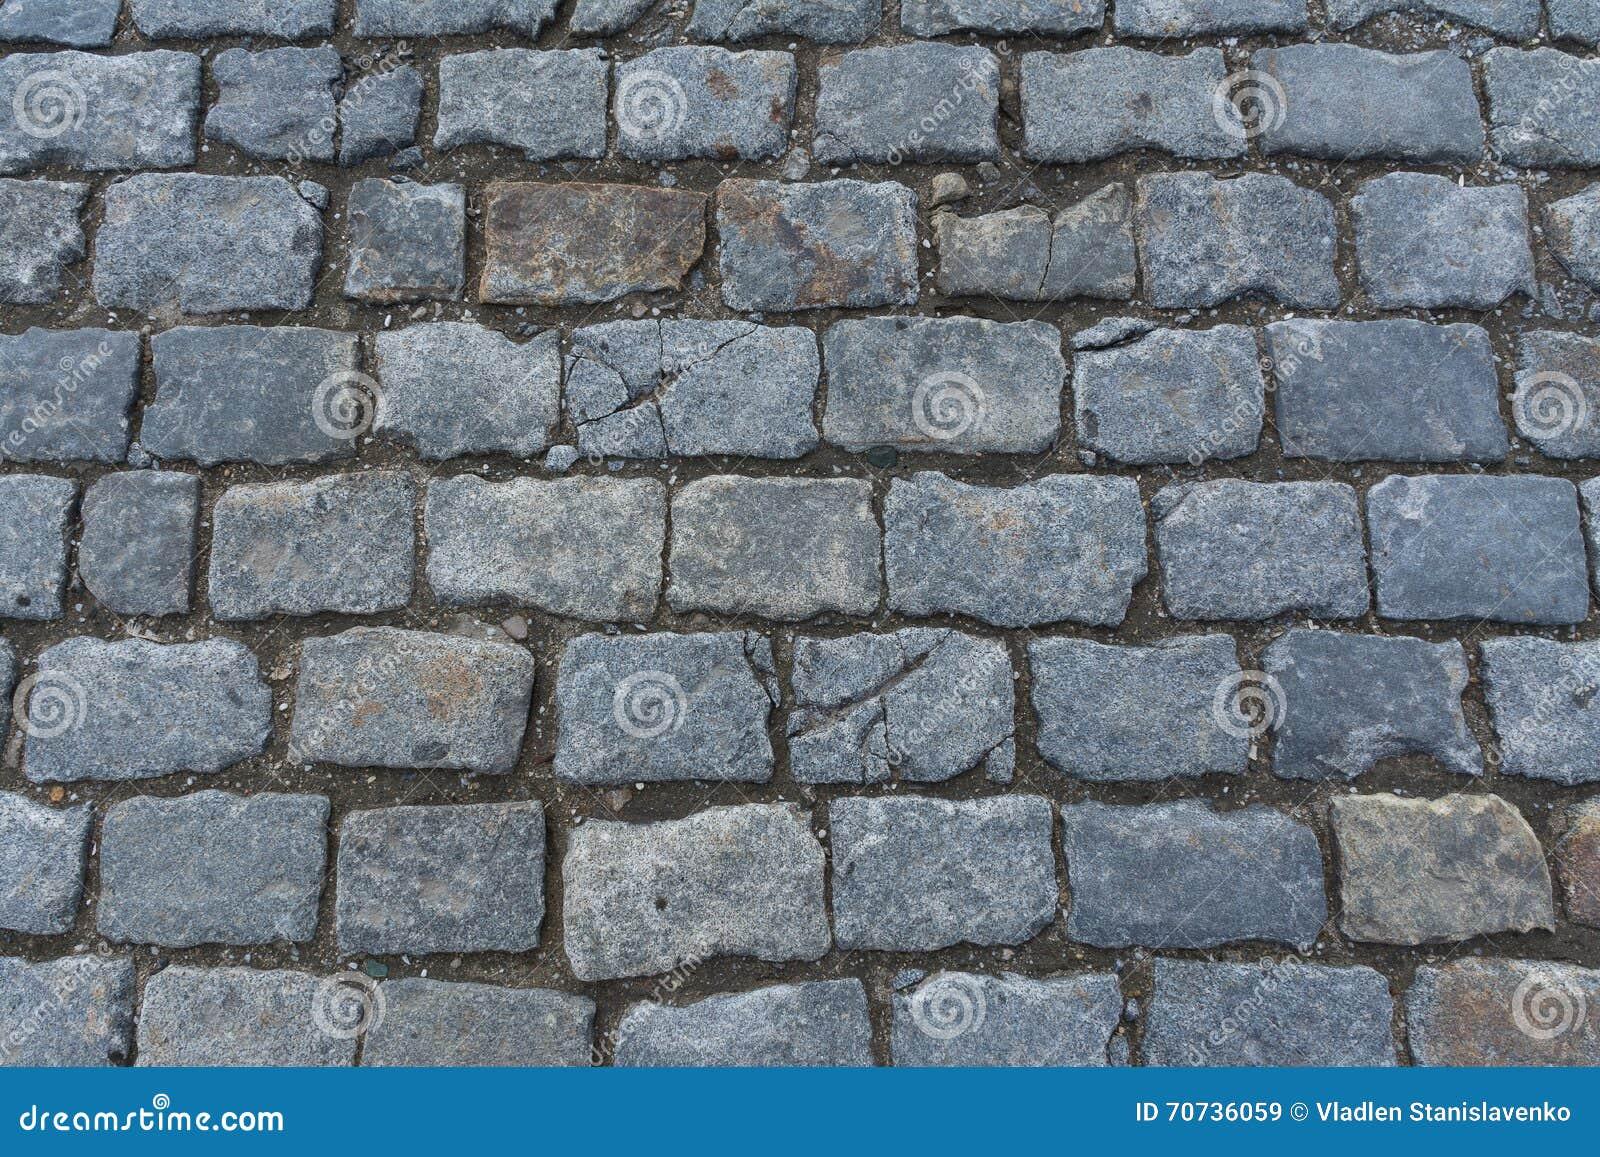 graue pflastersteine der platten stockbild - bild von straße, granit